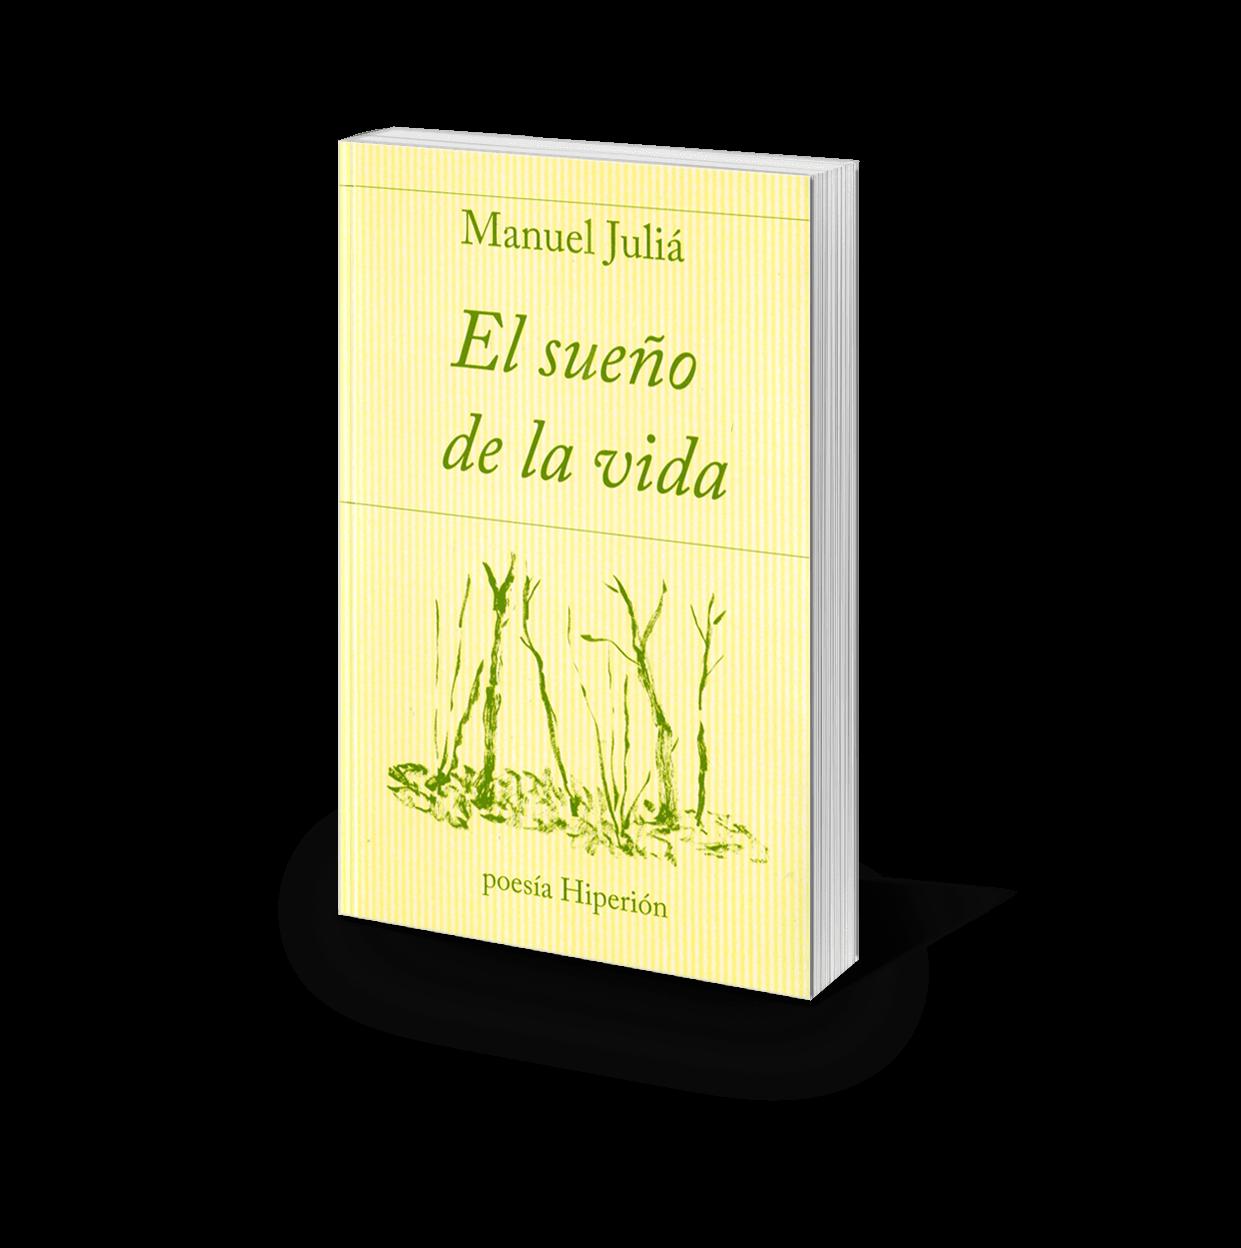 El sueño de la vida, de Manuel Juliá.  Premio de la Asociación de Editores de Poesía. elsuenodelavida